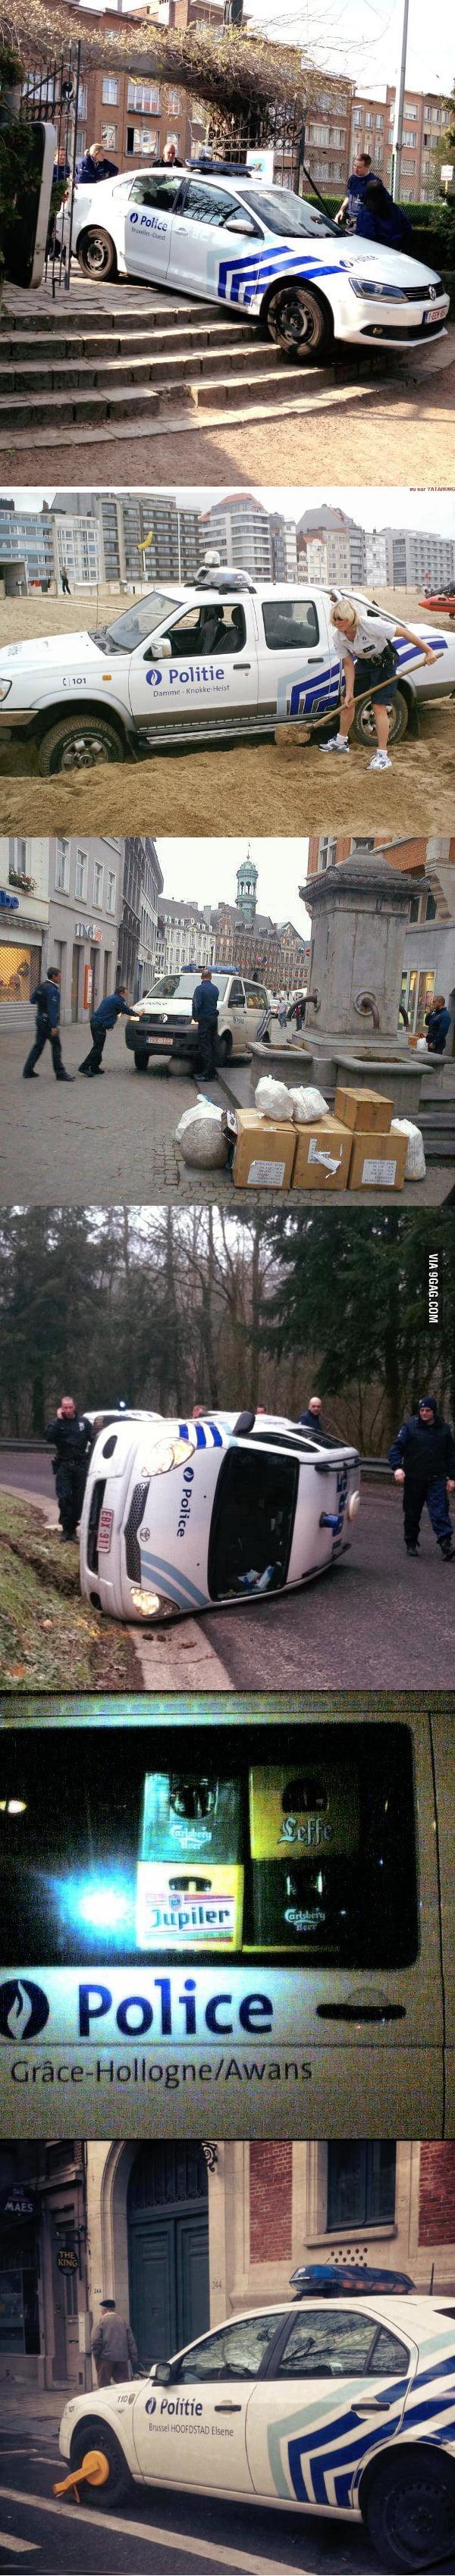 Nice one police